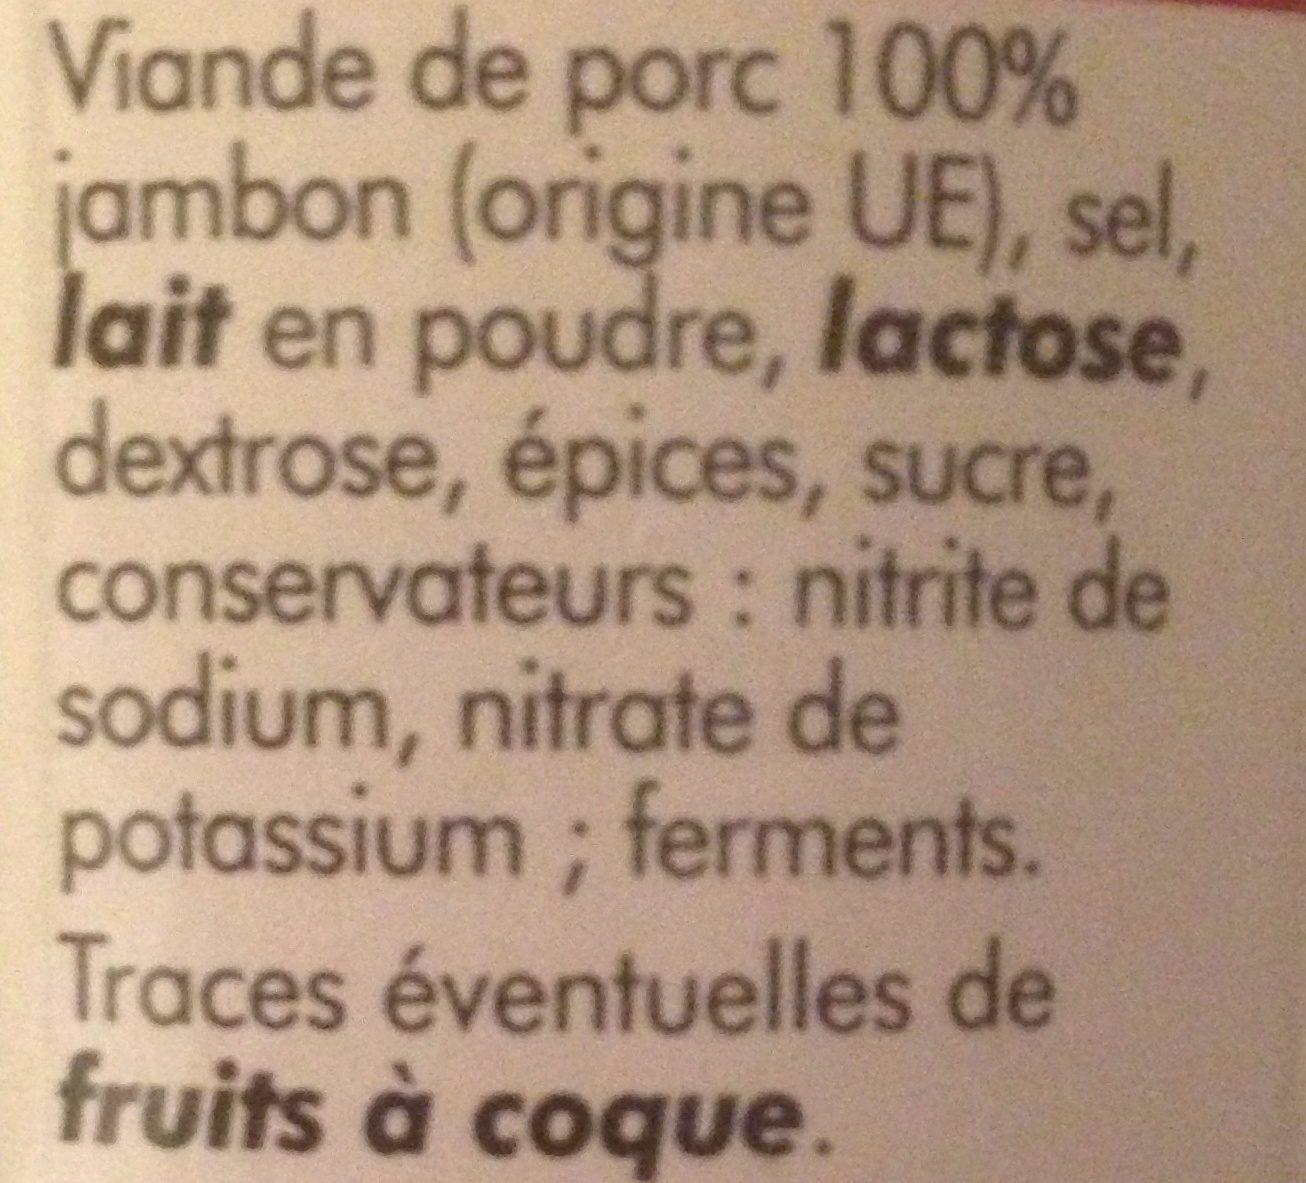 Spécialité saucisson sec au jambon - Ingrédients - fr